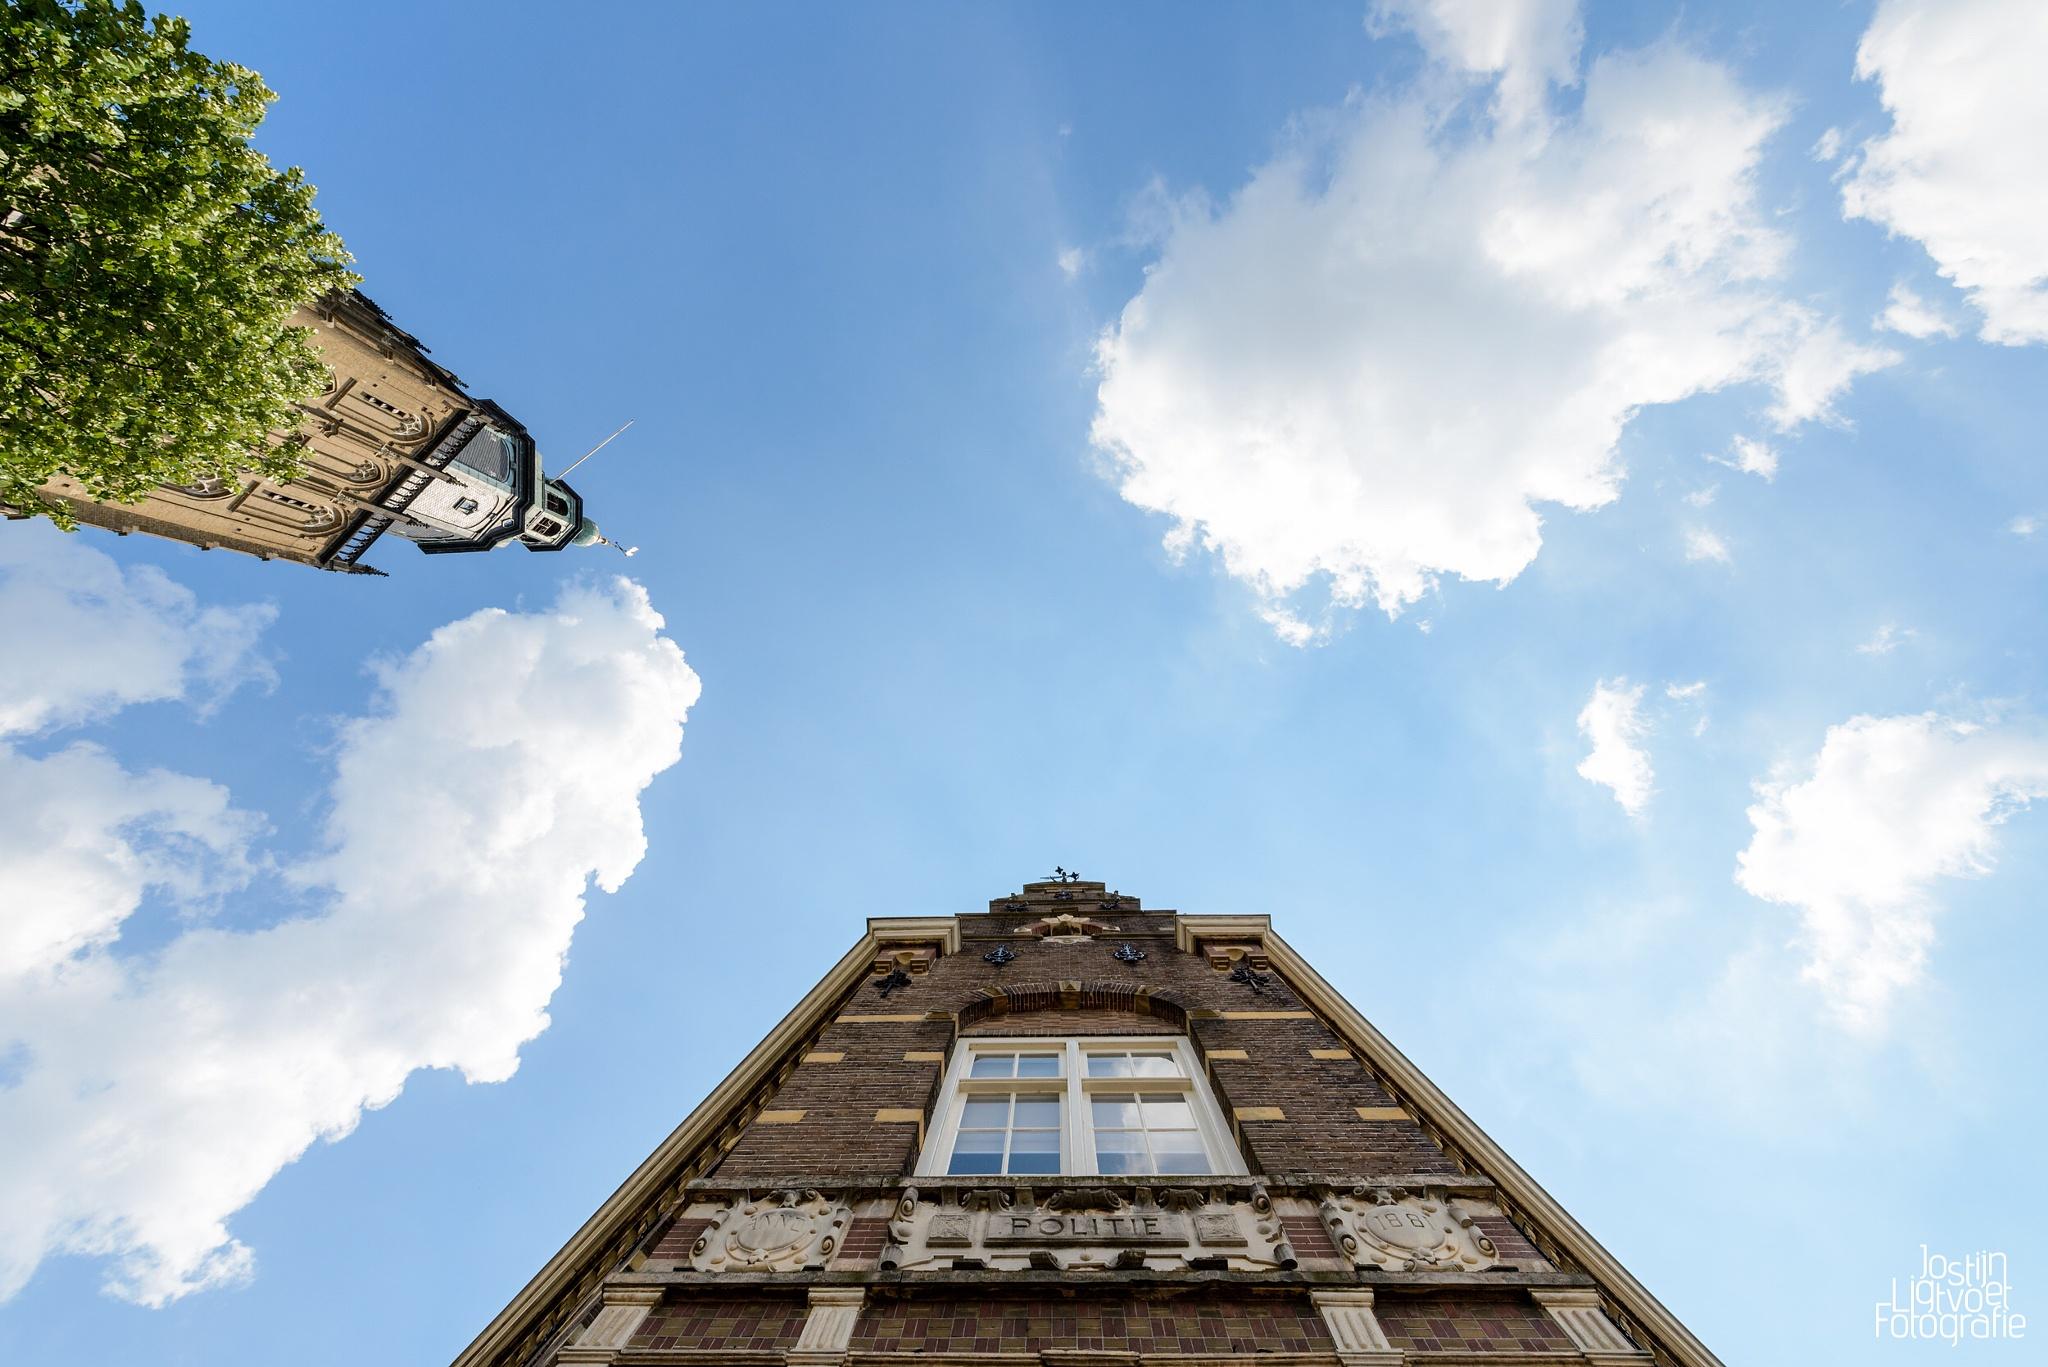 Photo in Street Photography #police #politie #police #station #zutphen #gelderland #nederland #the #netherlands #church #kerk #sky #blue #sky #lucht #blauwe #lucht #nikon #d600 #nikond600 #nikkor #nikkor #14-24mm #f/2.8 #ed #1424mm #14-24mm #nikontop #nikonfx